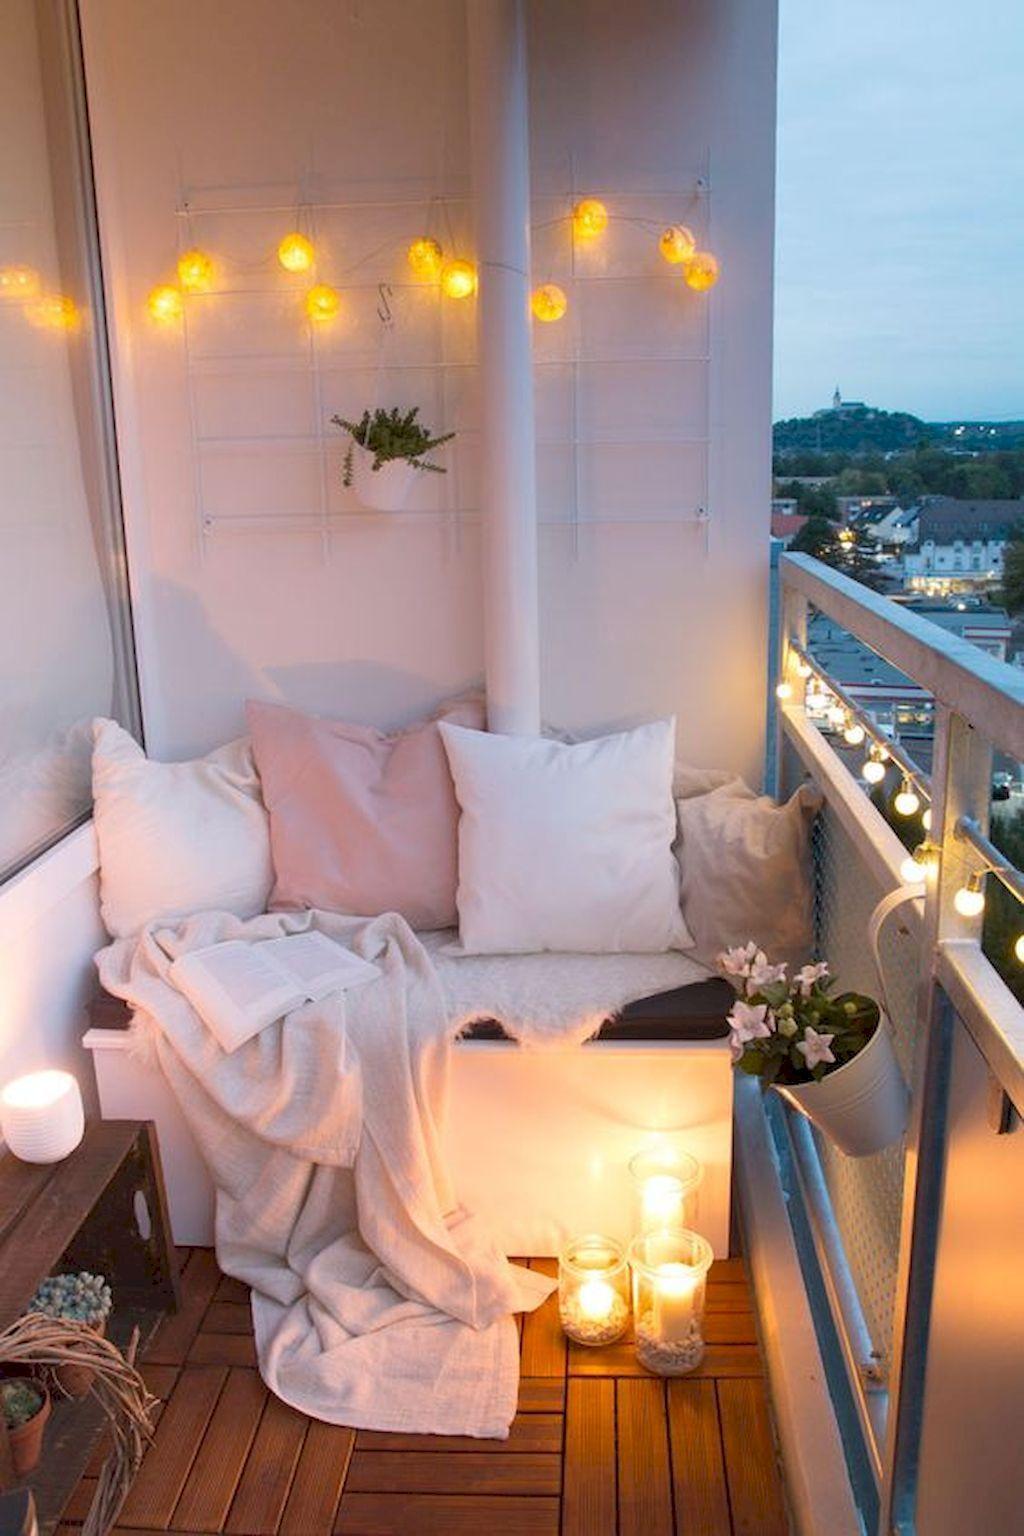 Cute College Apartment Decoration Ideas 51 Roomodeling Decoracion De Unas Decoracion De Interiores Decoraciones De Casa